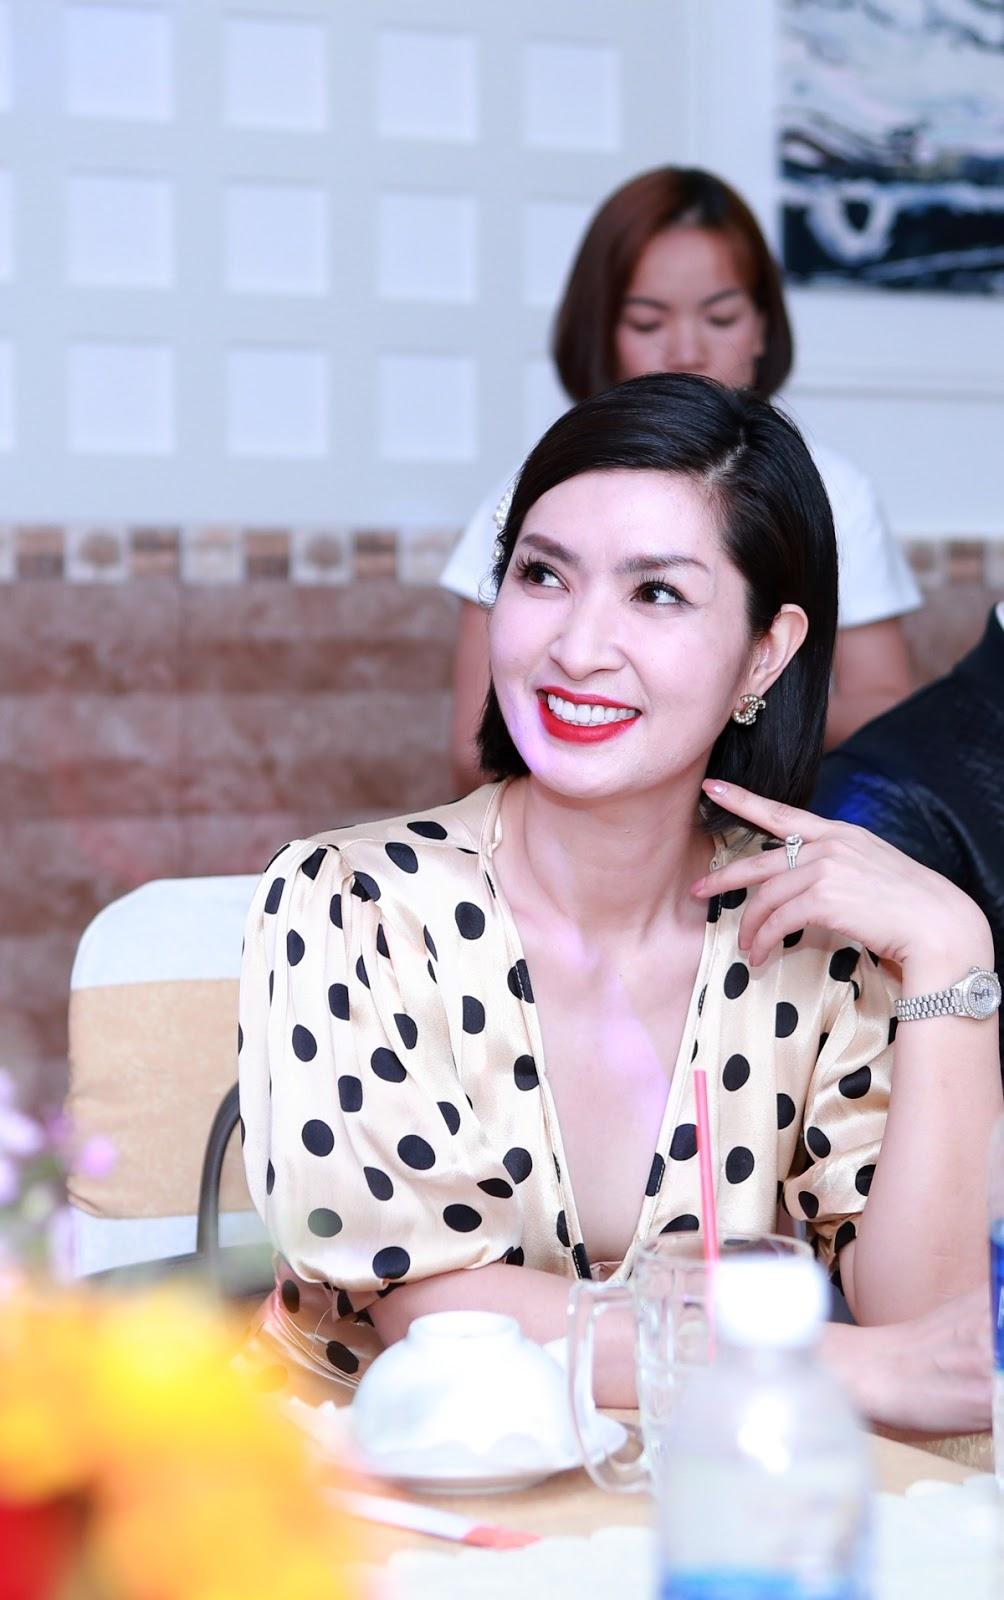 Nguyễn Hồng Nhung hạnh phúc trong vòng tay người hâm mộ tại buổi họp fans - Hình 4